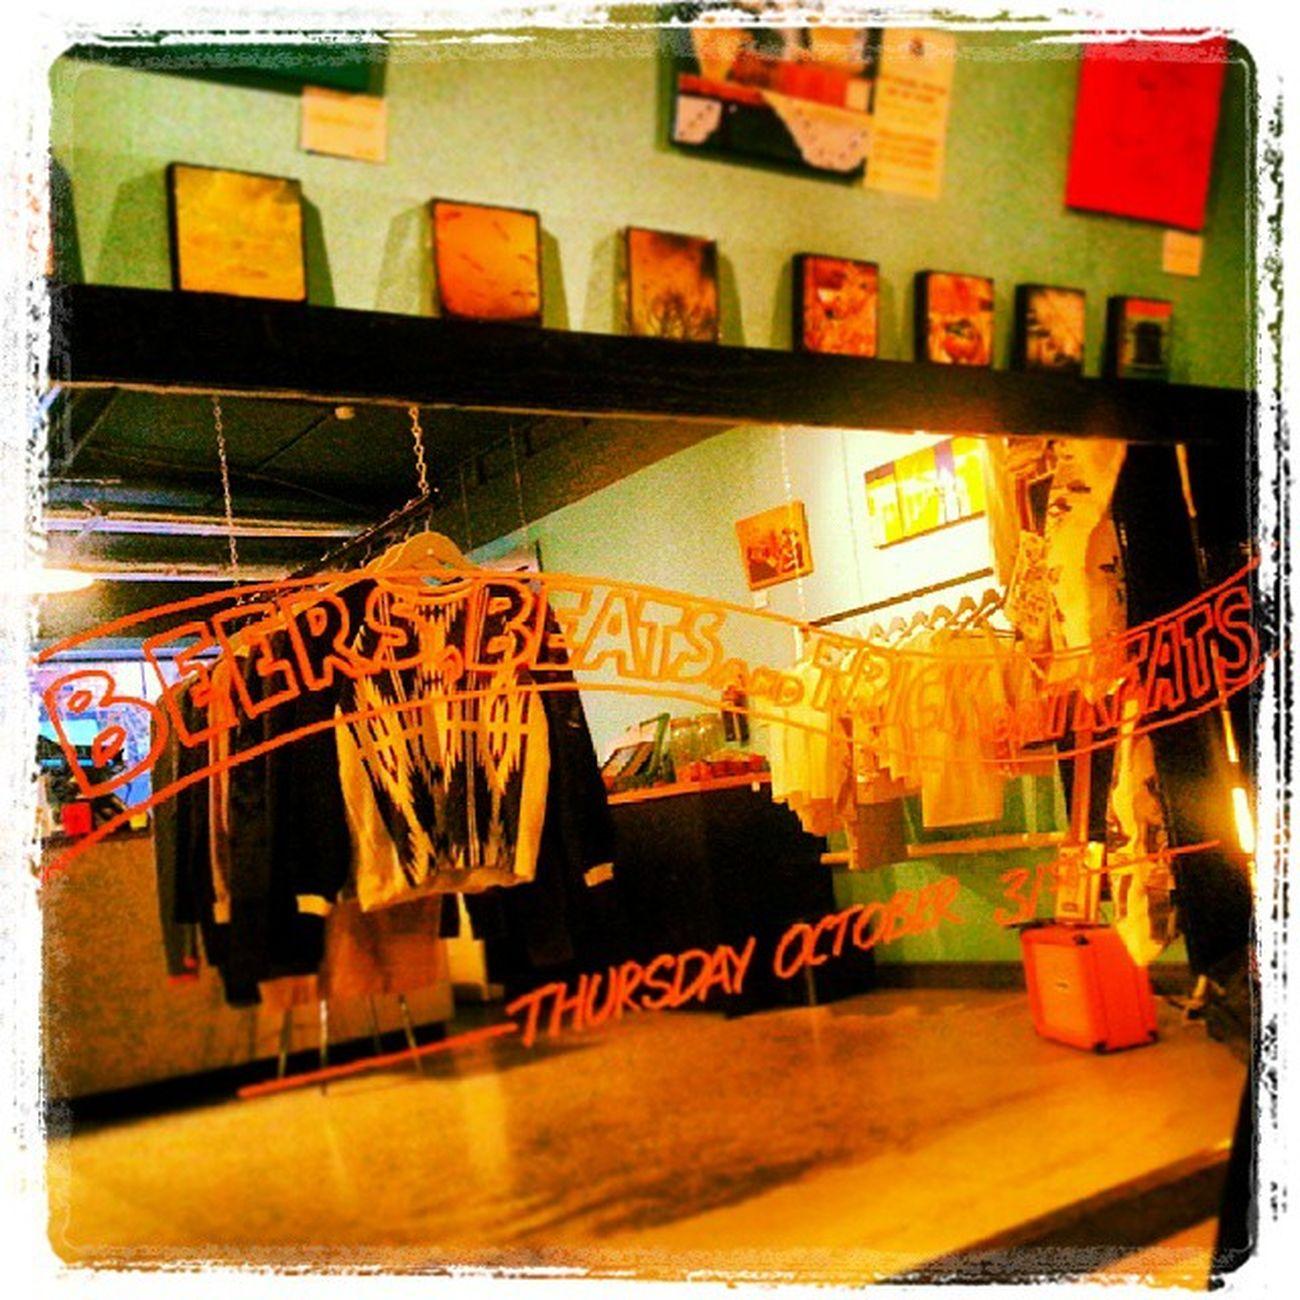 Halloweenmirror Halloweennight Beersbeatsandtrickortreats Tacos veggieburrito gruelguerilla 12yoyos 31stoctober lastthursdayofthemonth